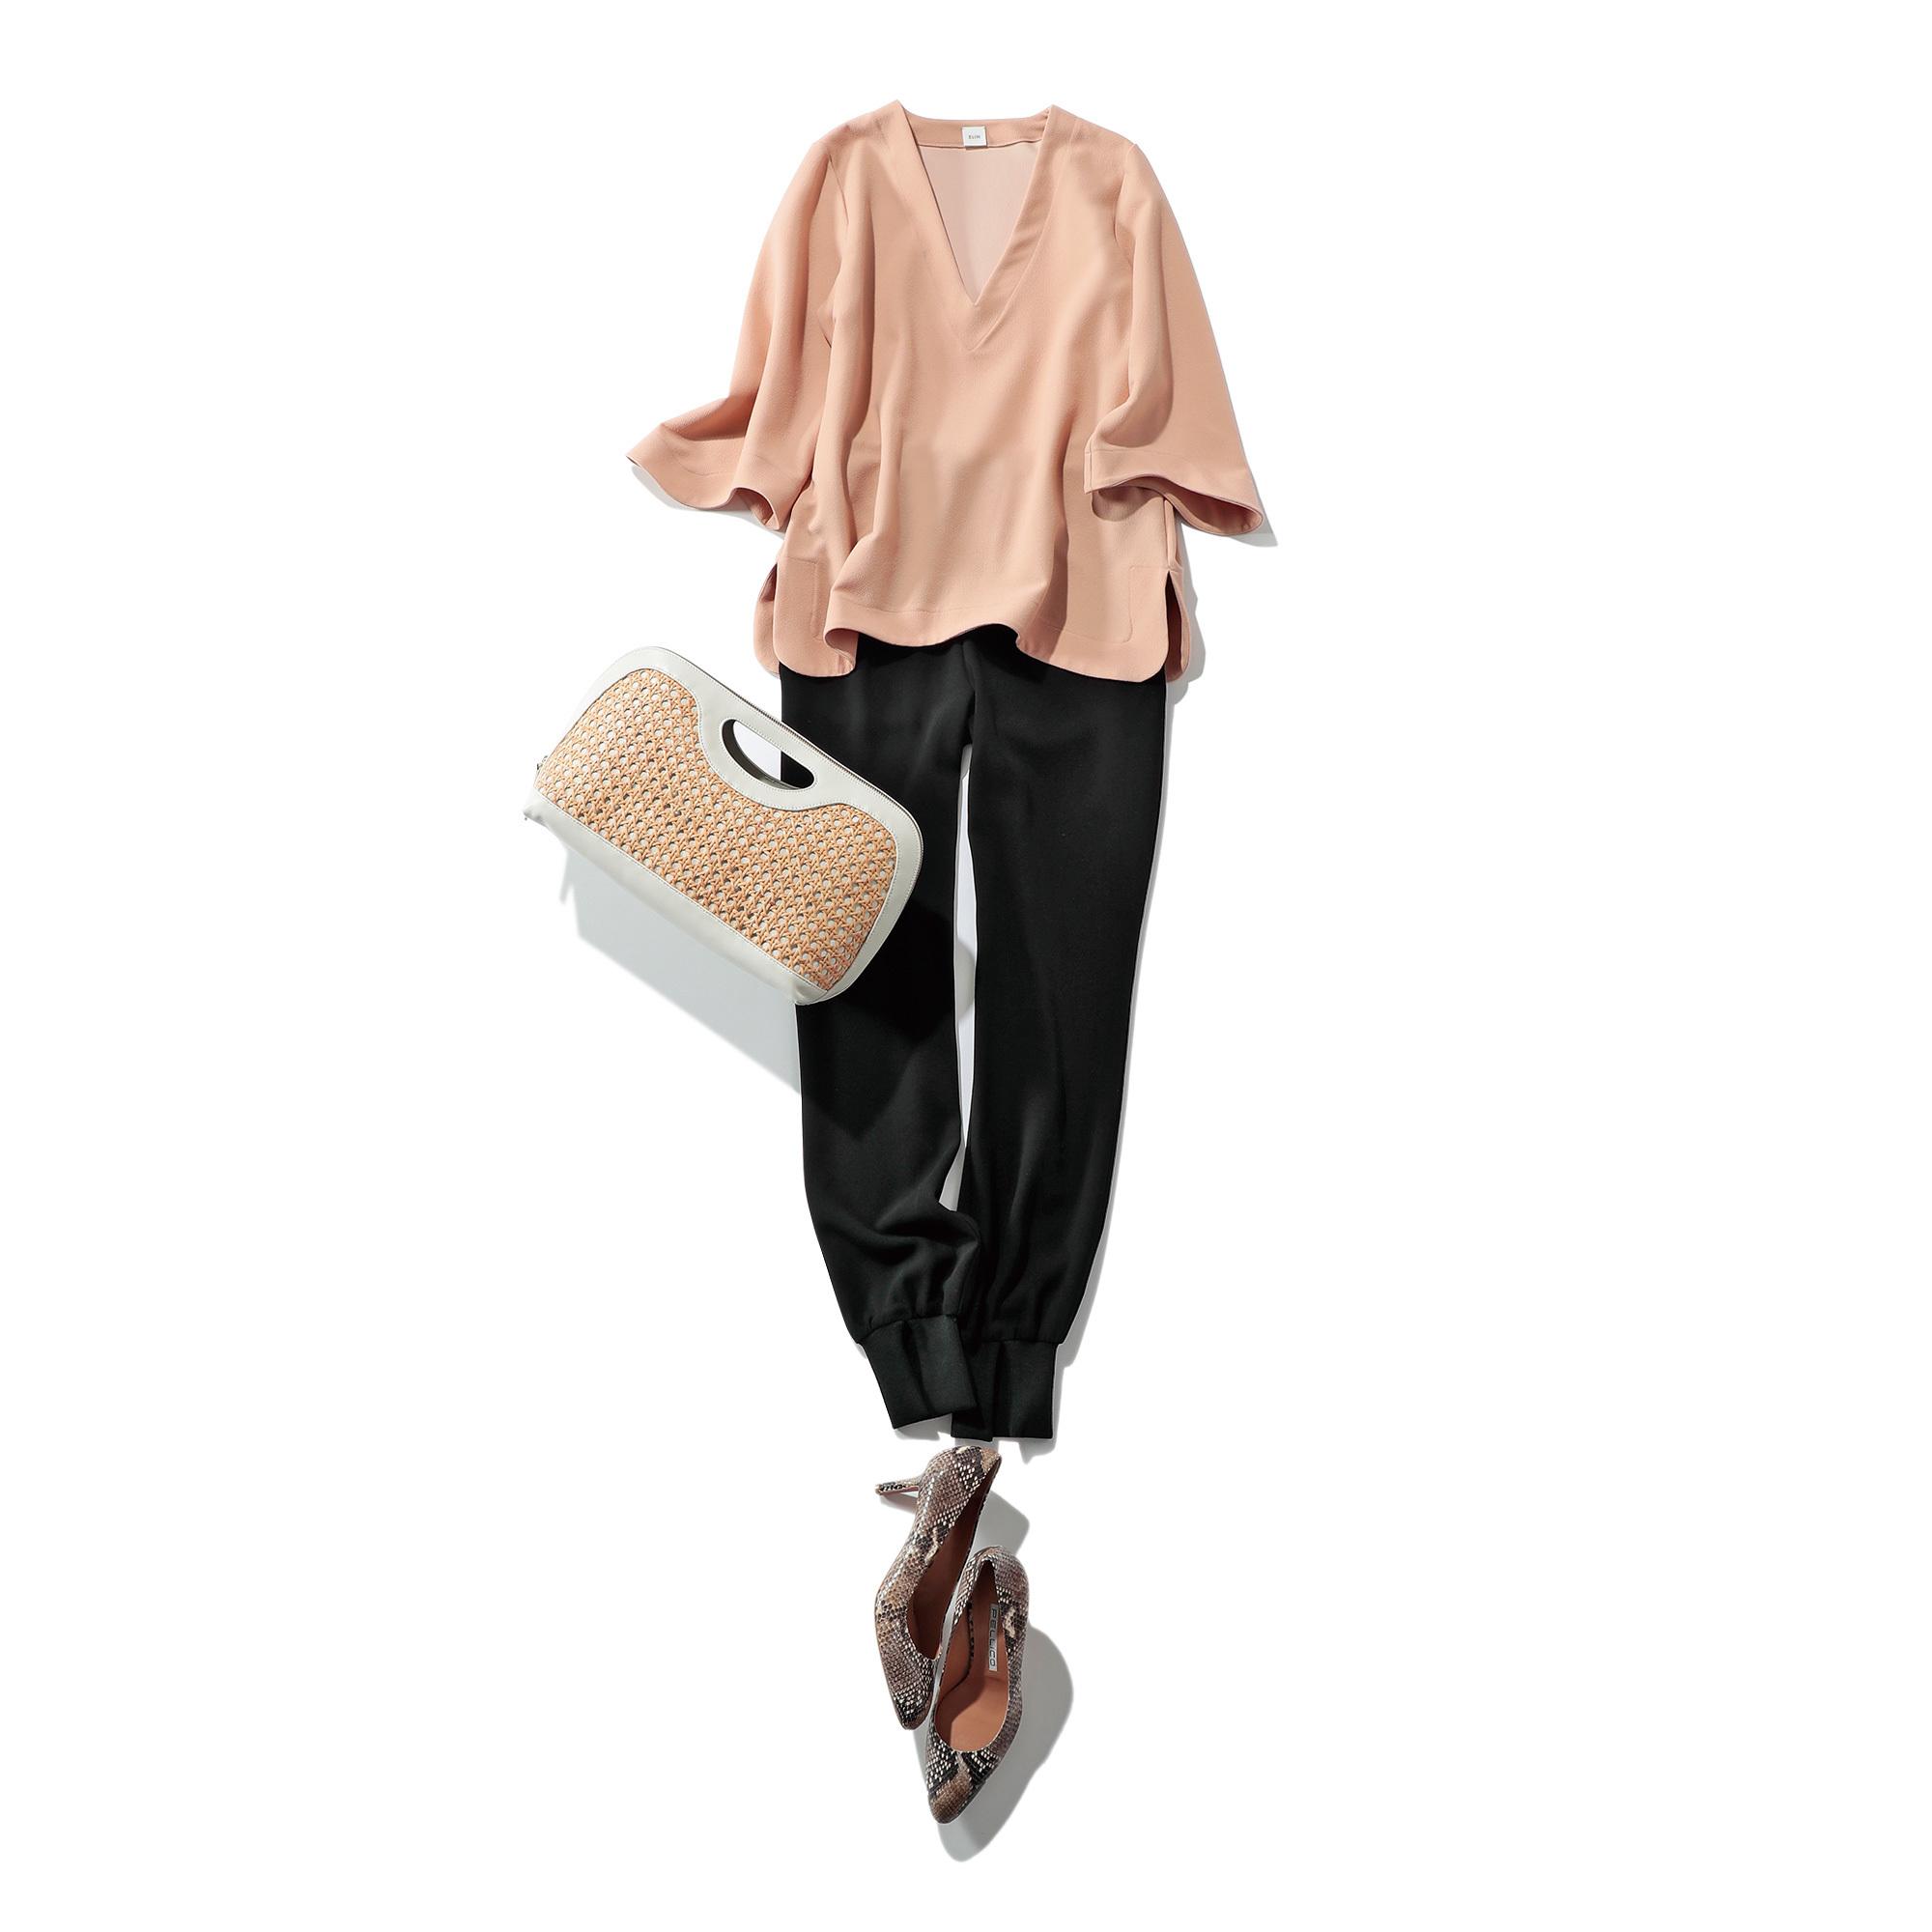 50代に似合うVネックプルオーバー×とろみスリットパンツ ファッションコーデ